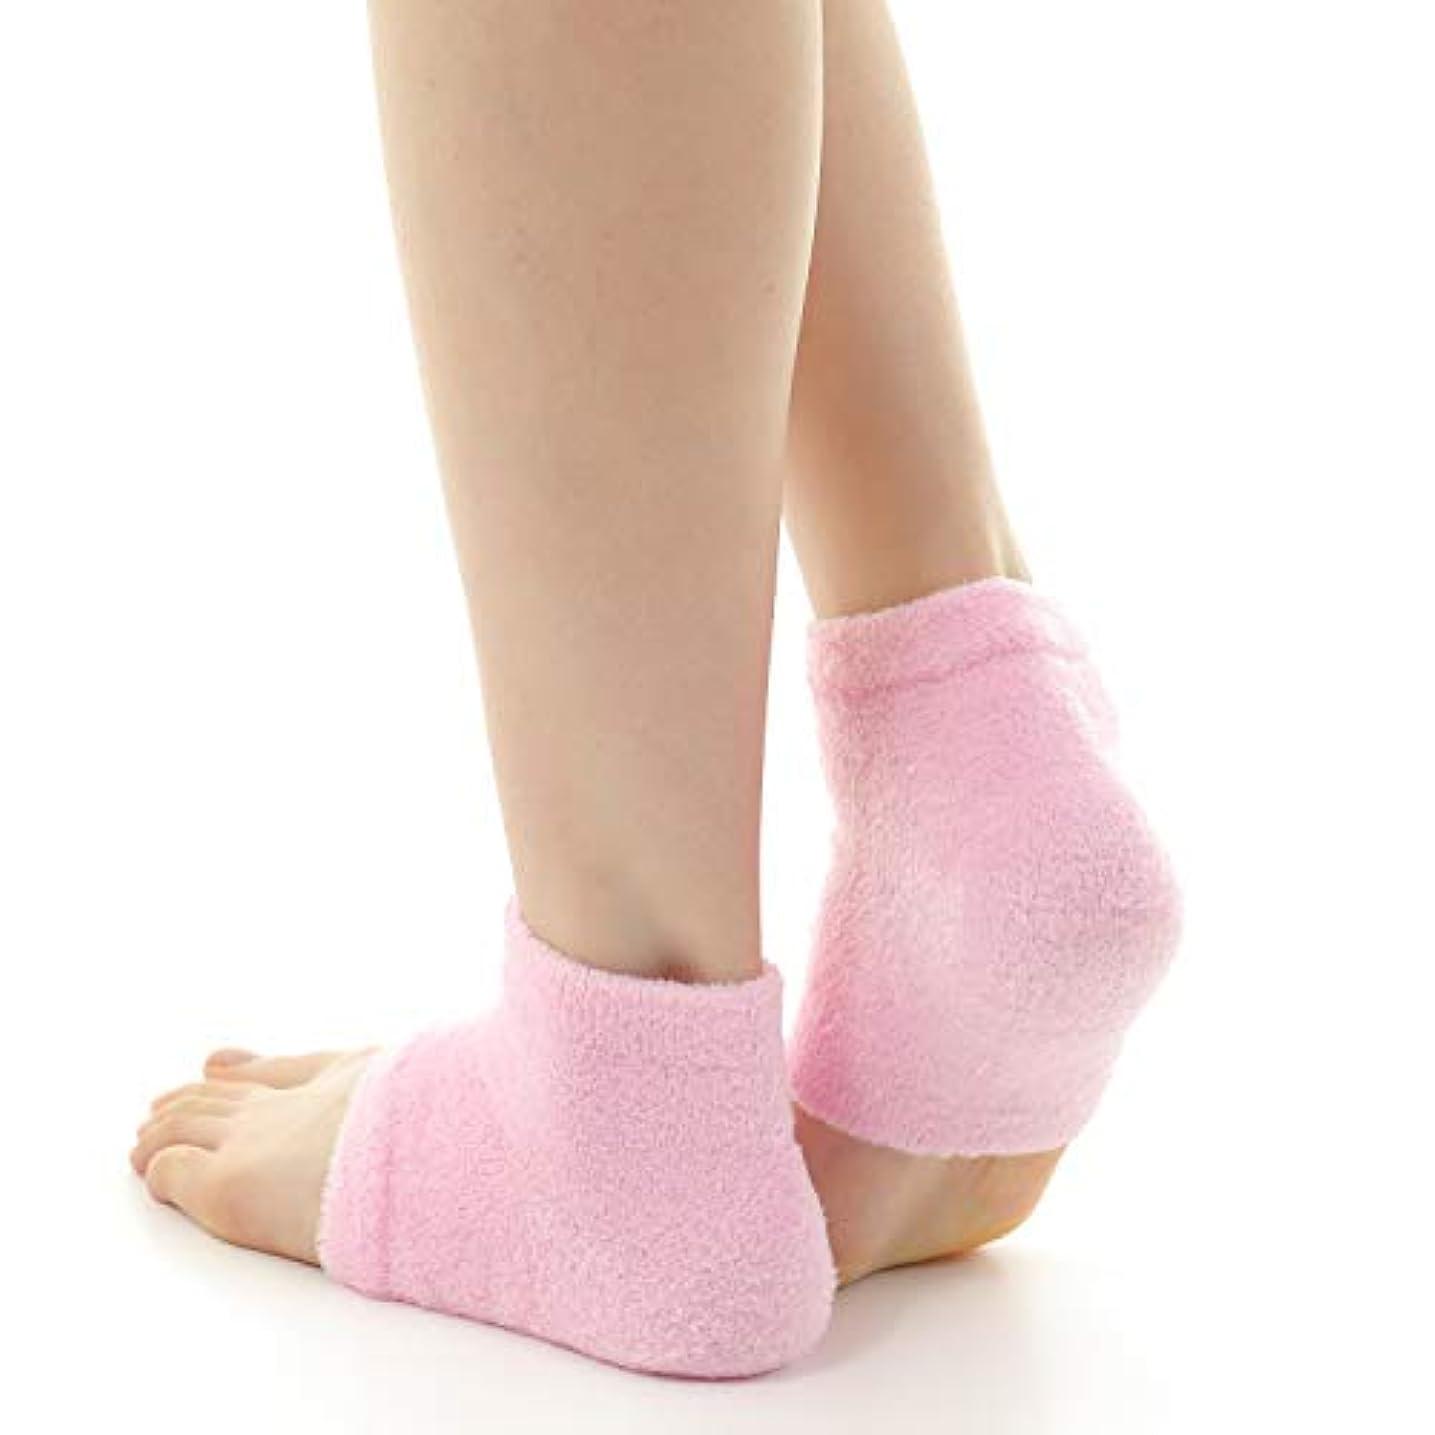 大きい心理的に動詞ドットジャパン かかとケア ぷるもこ ジェルソックス サポーター ひび割れ 角質取り 保湿 靴下 フリーサイズ (ピンク)